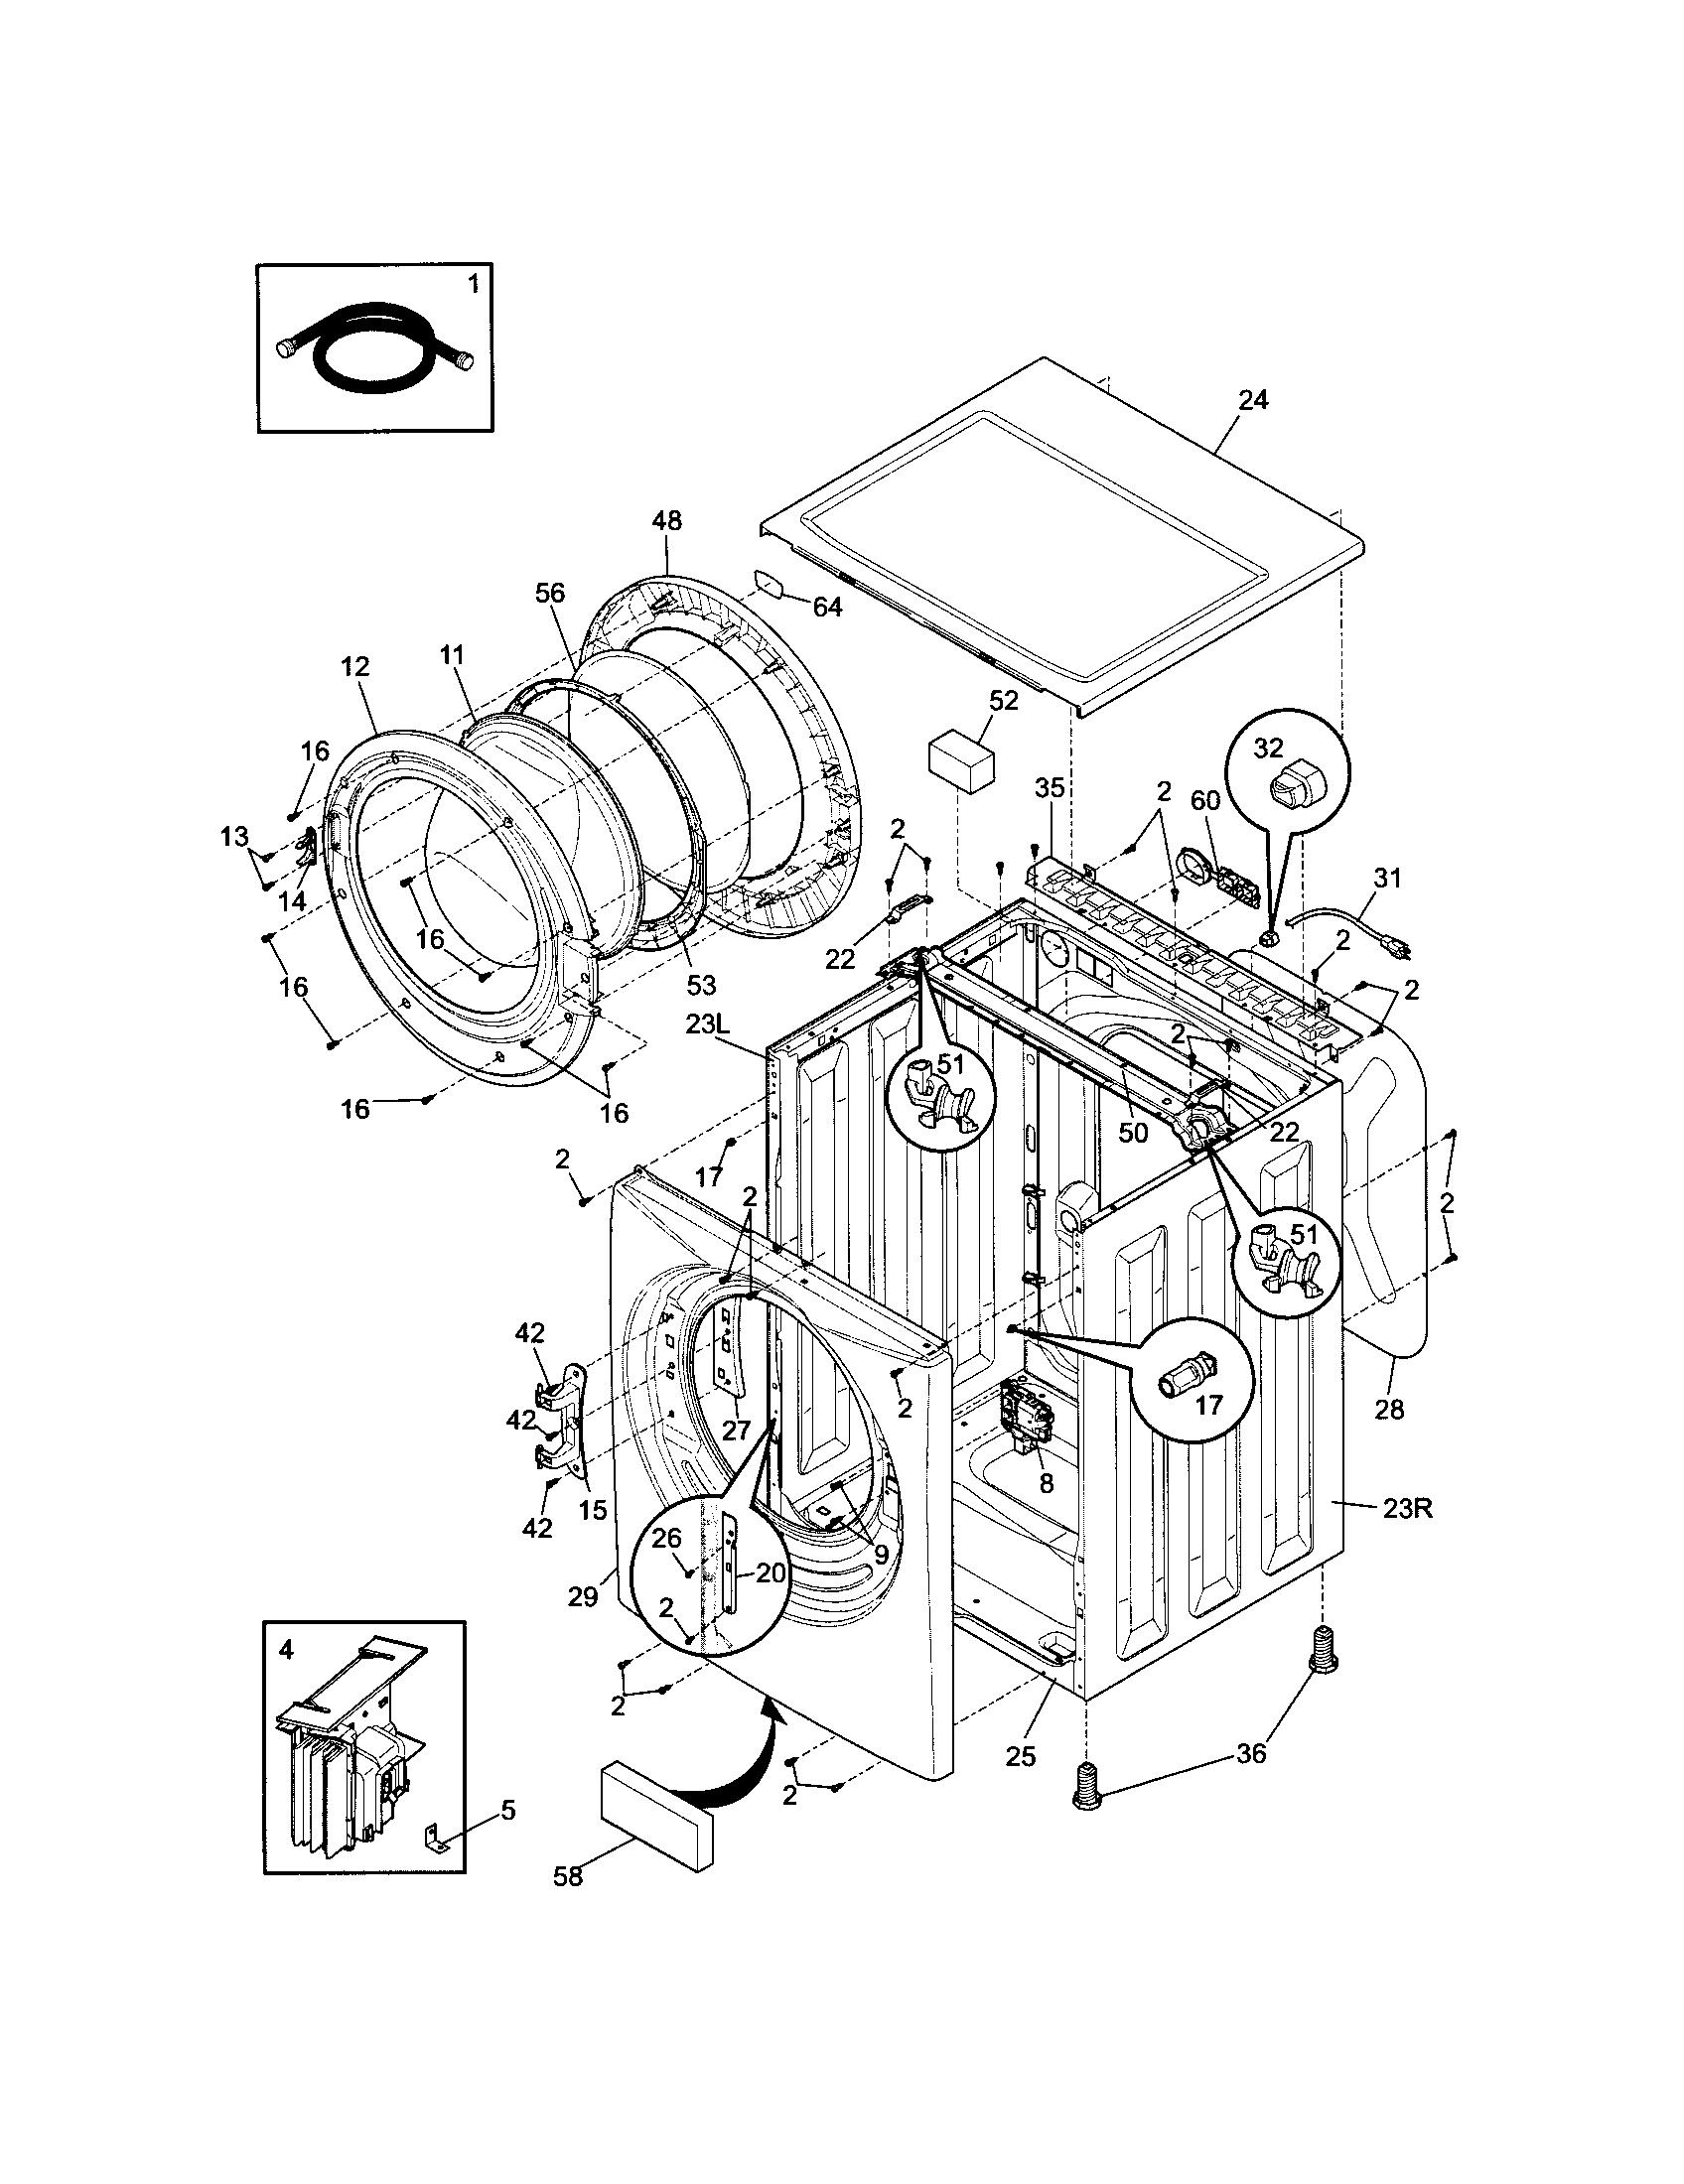 WR_3964] Frigidaire Washer Schematic Download DiagramAryon Dylit Mepta Mohammedshrine Librar Wiring 101